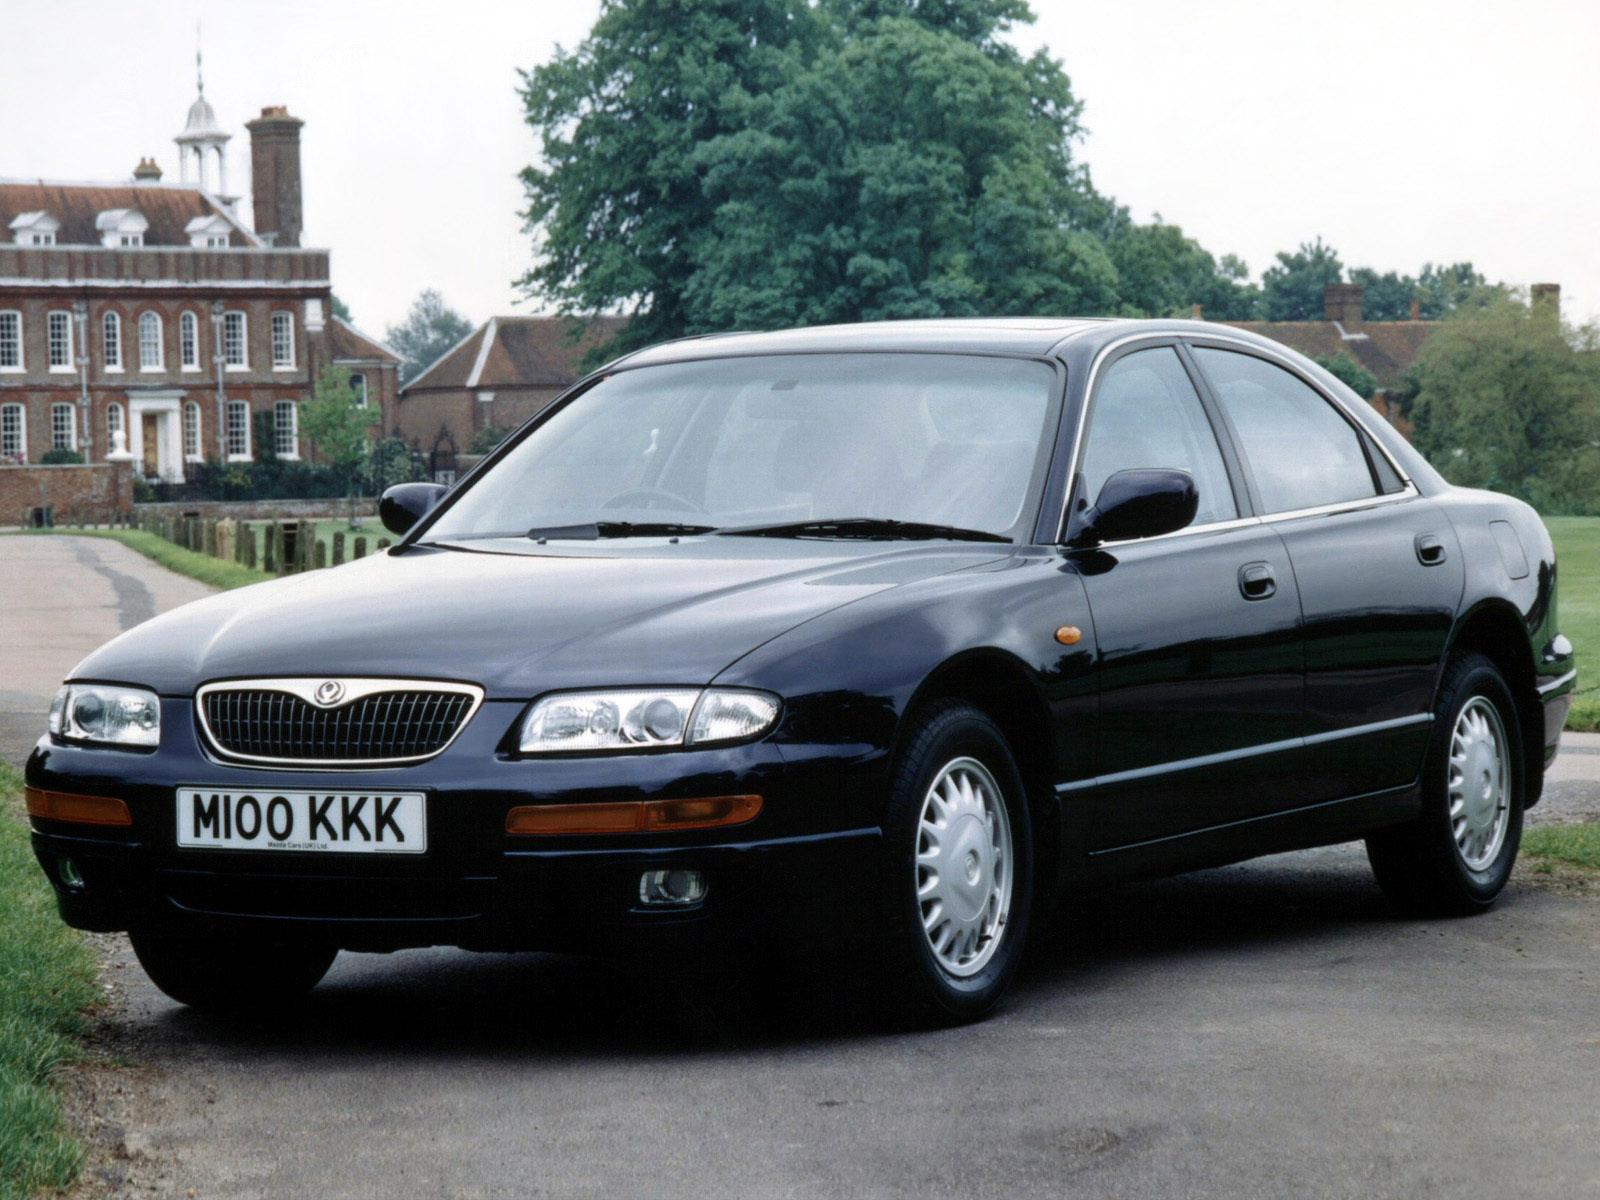 Mazda Xedos 9 I 1993 - 2000 Sedan #1